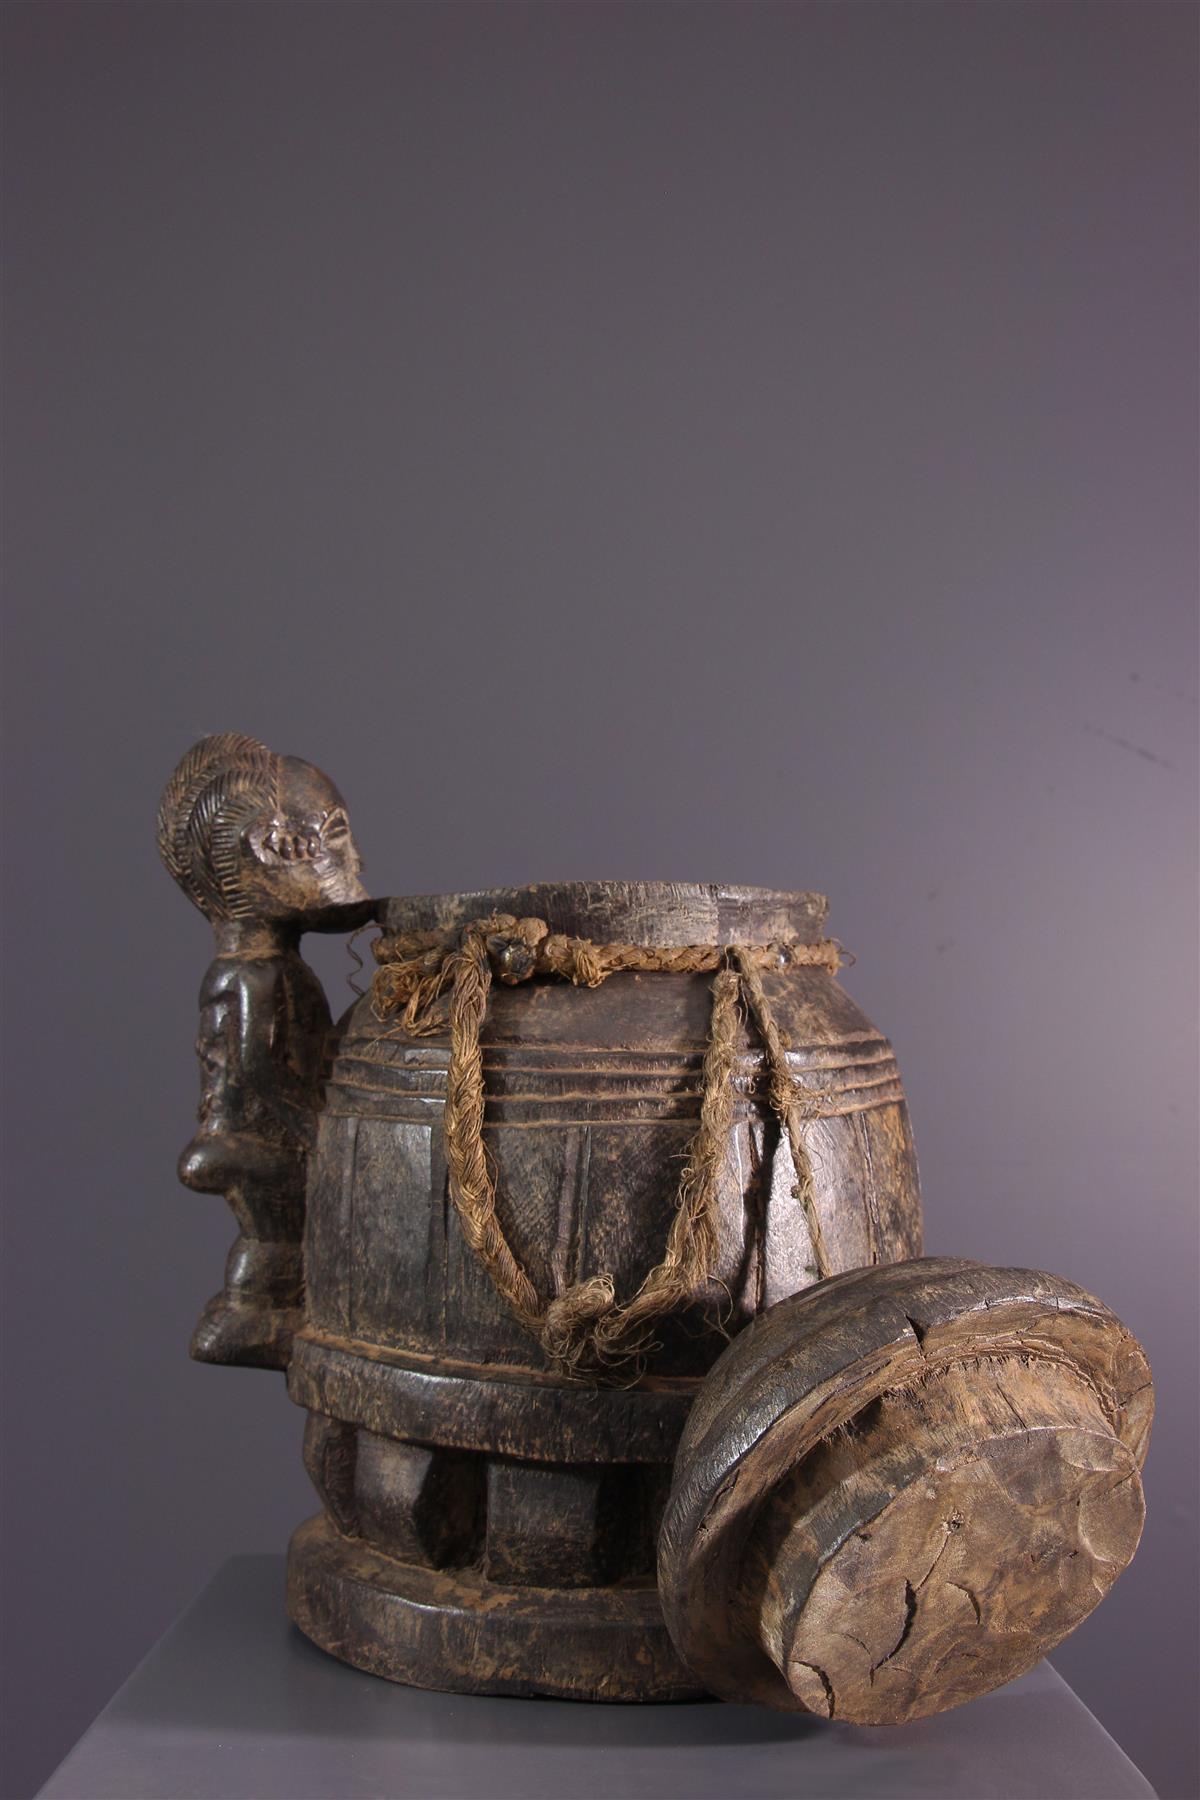 Boite à souris Baoule - Art africain